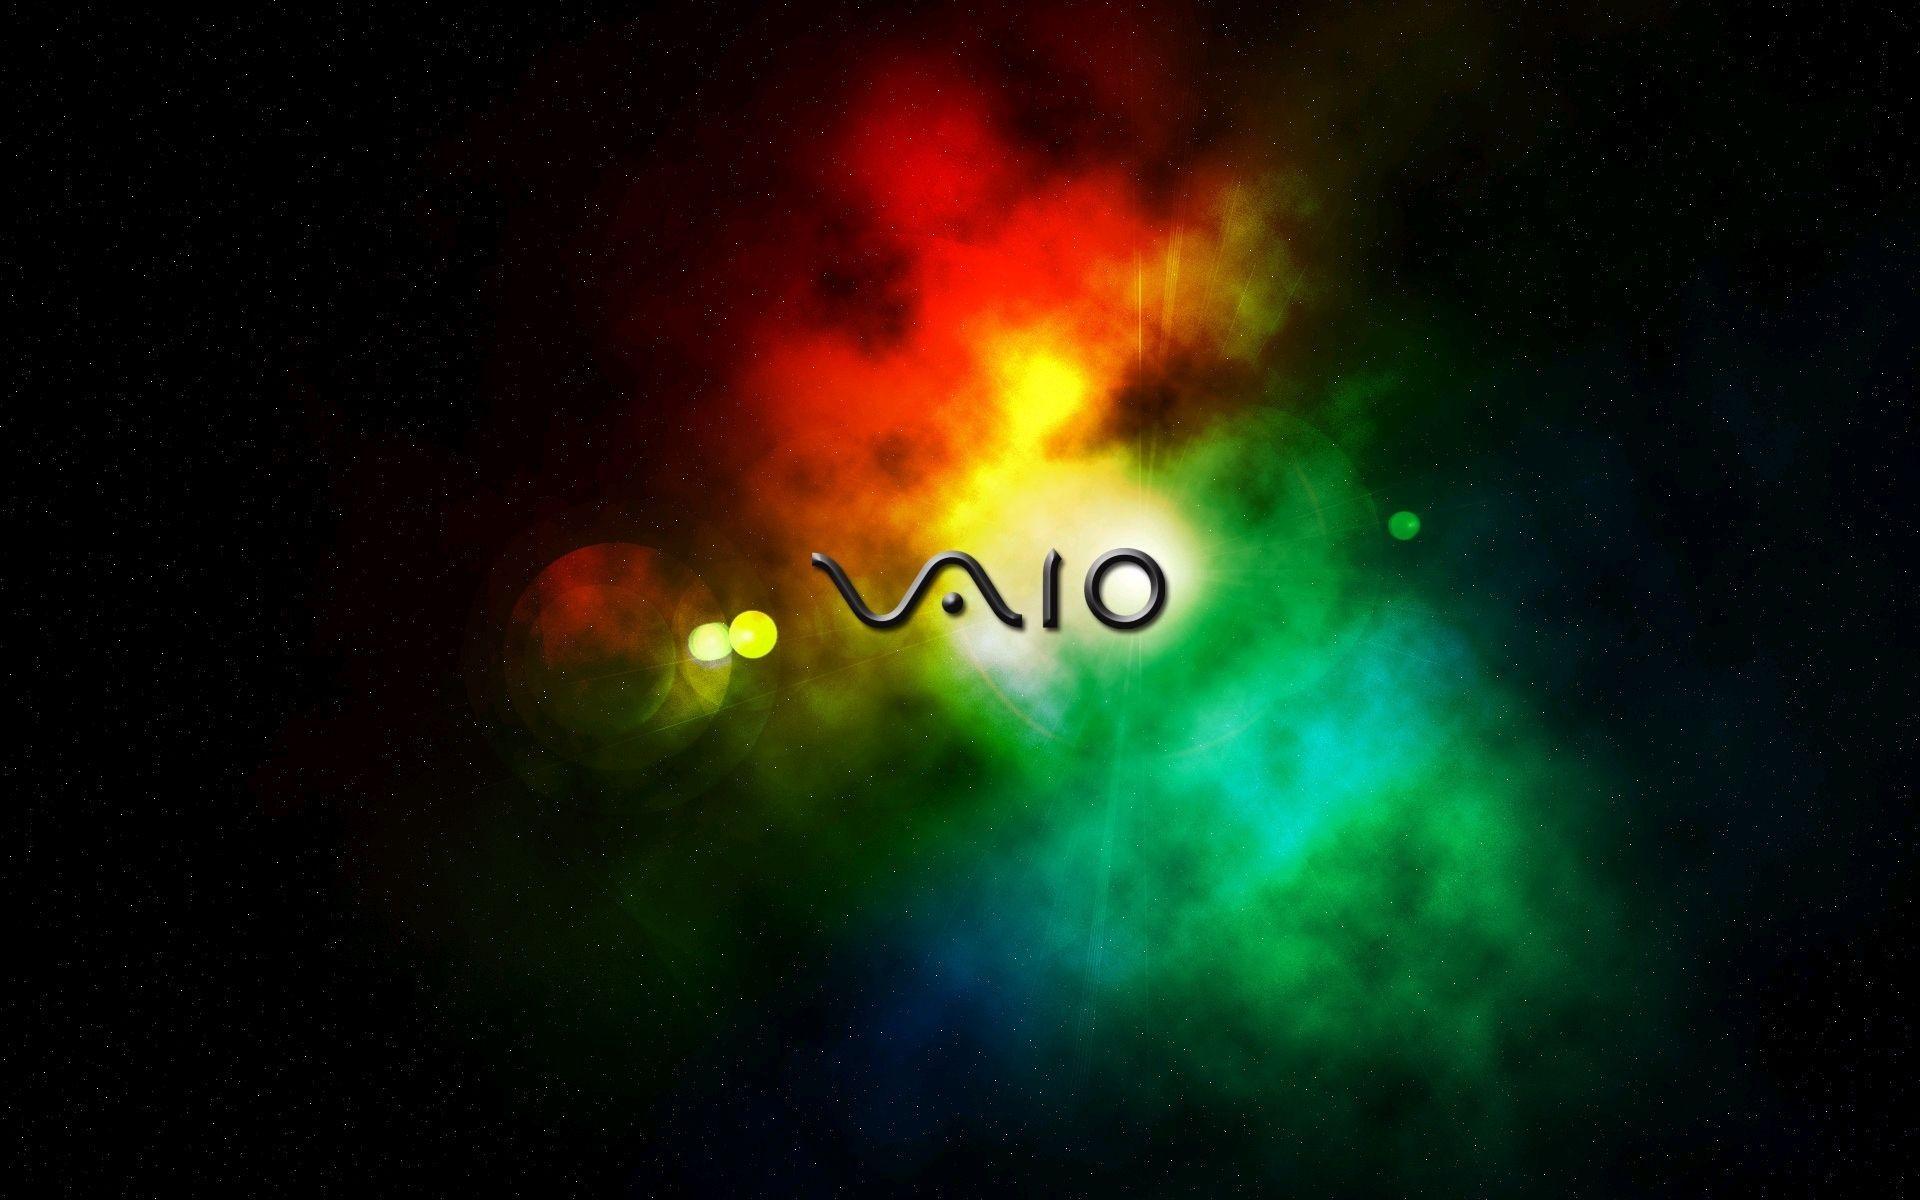 """由于索尼筆記本業務業績低迷,2014年3月的統計顯示,索尼已陷入352億日元的經營赤字。 VAIO的LOGO標志有兩層含義:一、代表基本的模擬和數字信號;二、代表自然同行的理念。VAIO前兩個字母""""VA""""為弦曲線,代表模擬時代;而后兩個字母""""IO""""則代表了數字時代的1和0二進制數字,這諭示了在數字時代勇于創新的索尼將迎接挑戰,不斷開拓,而VAIO則是這一變革中的核心產品之一。"""